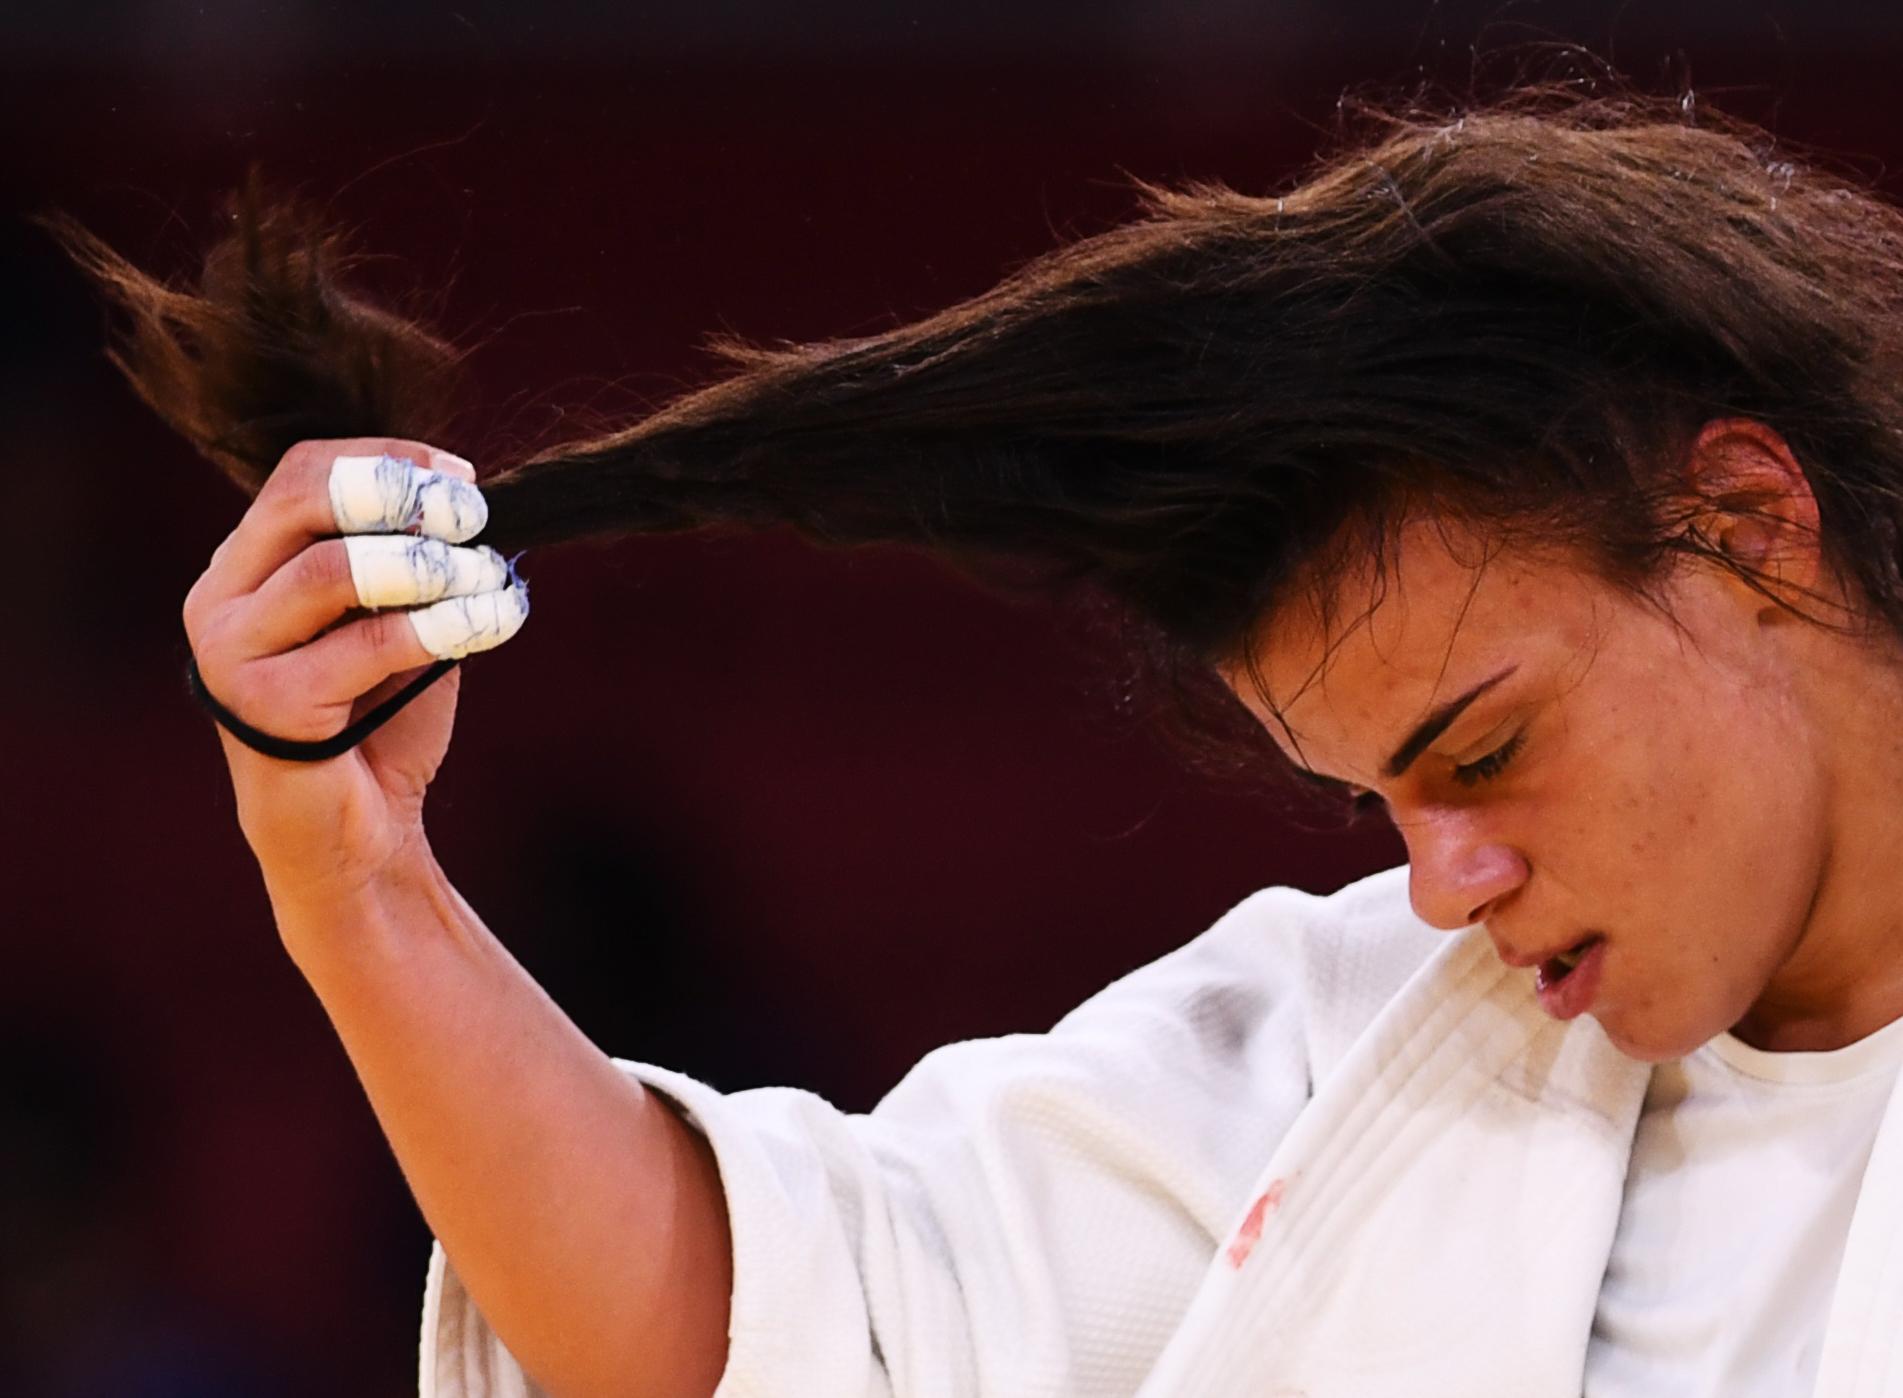 Ολυμπιακοί Αγώνες: «Έσβησε» το όνειρο της Ελισάβετ Τελτσίδου για το χάλκινο μετάλλιο